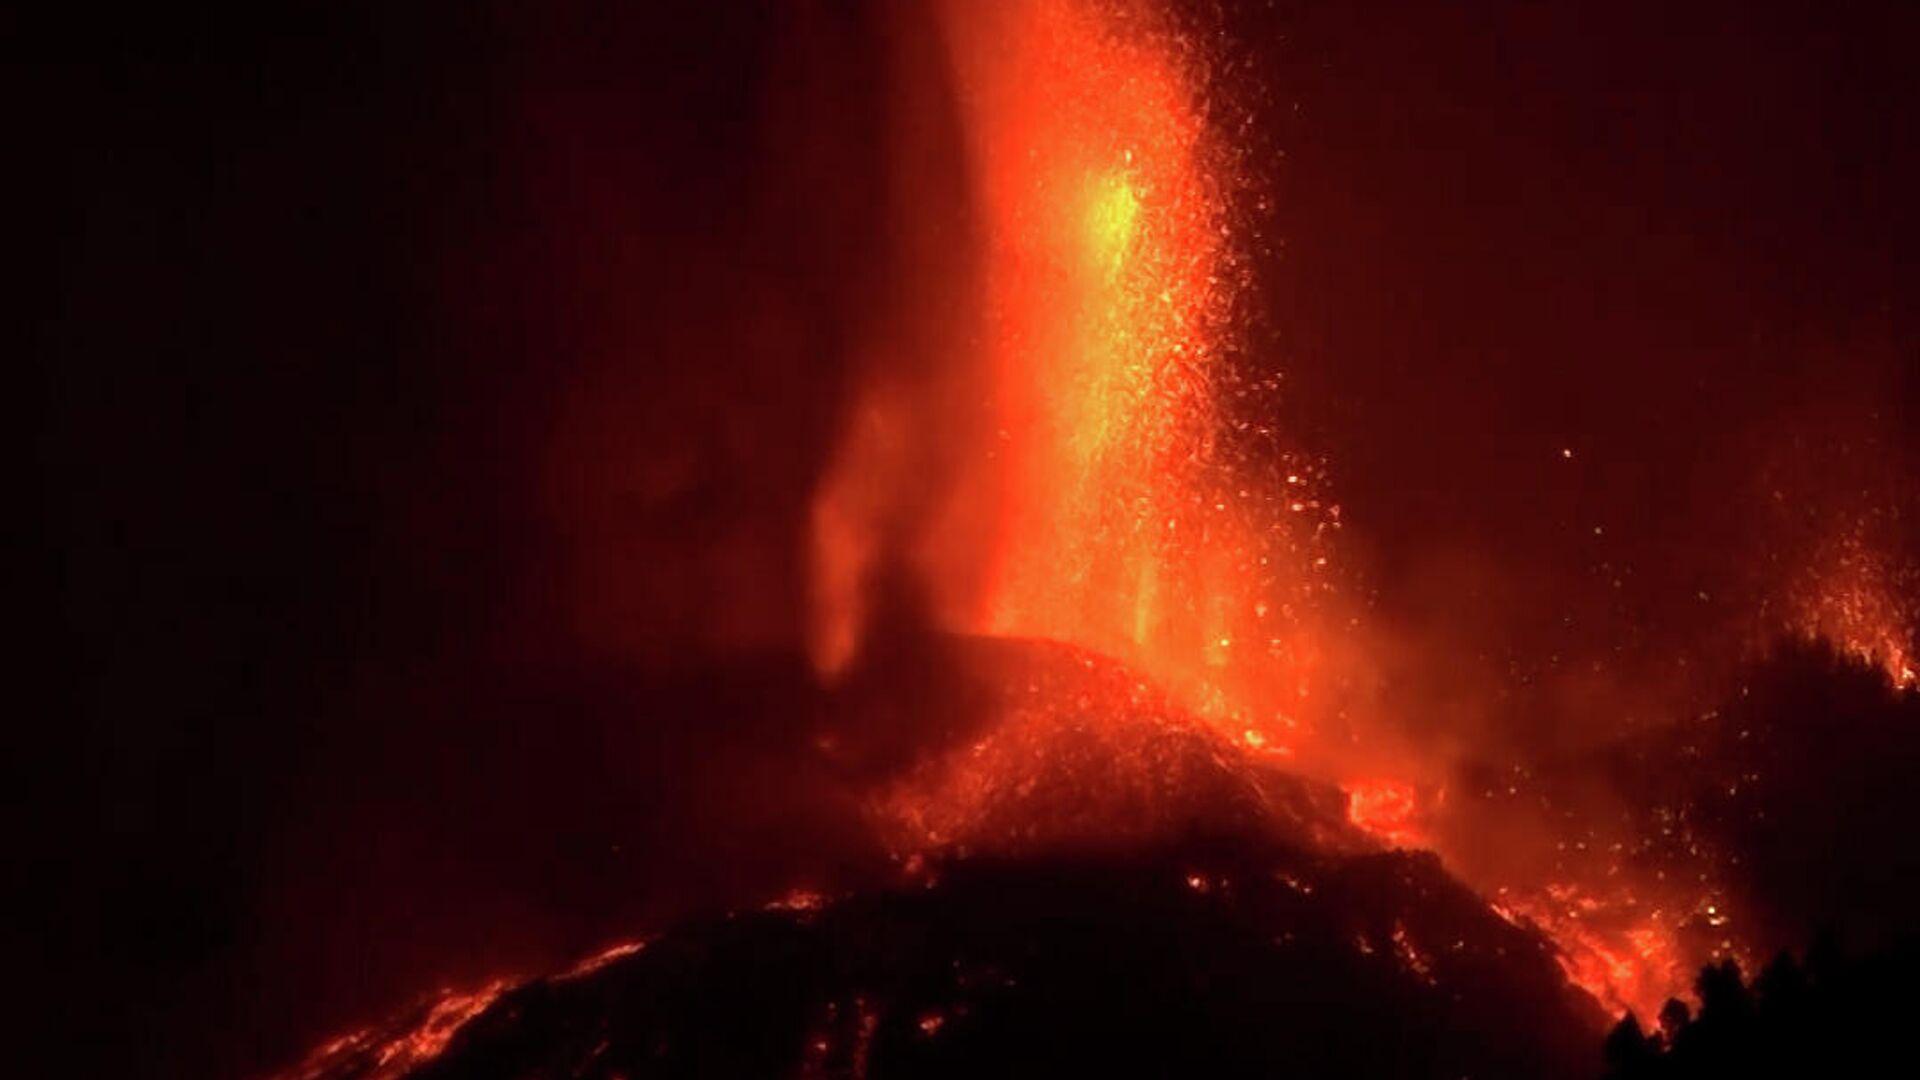 Απόκοσμες εικόνες από την έκρηξη λάβας του ηφαίστειου του Ισπανικού νησιού Λα Πάλμα - Sputnik Ελλάδα, 1920, 20.09.2021